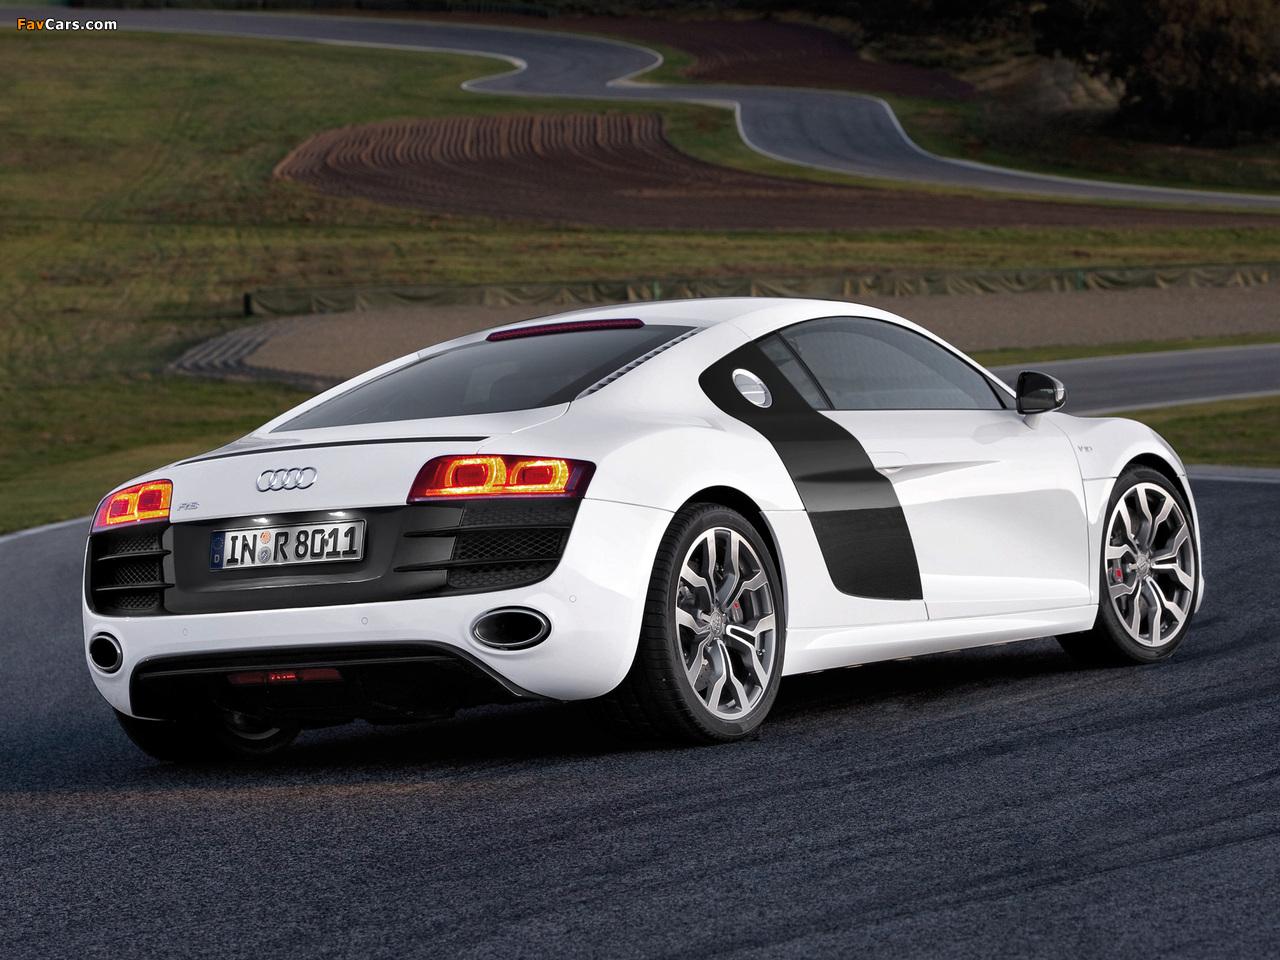 Audi R8 V10 2009 12 Images 1280x960